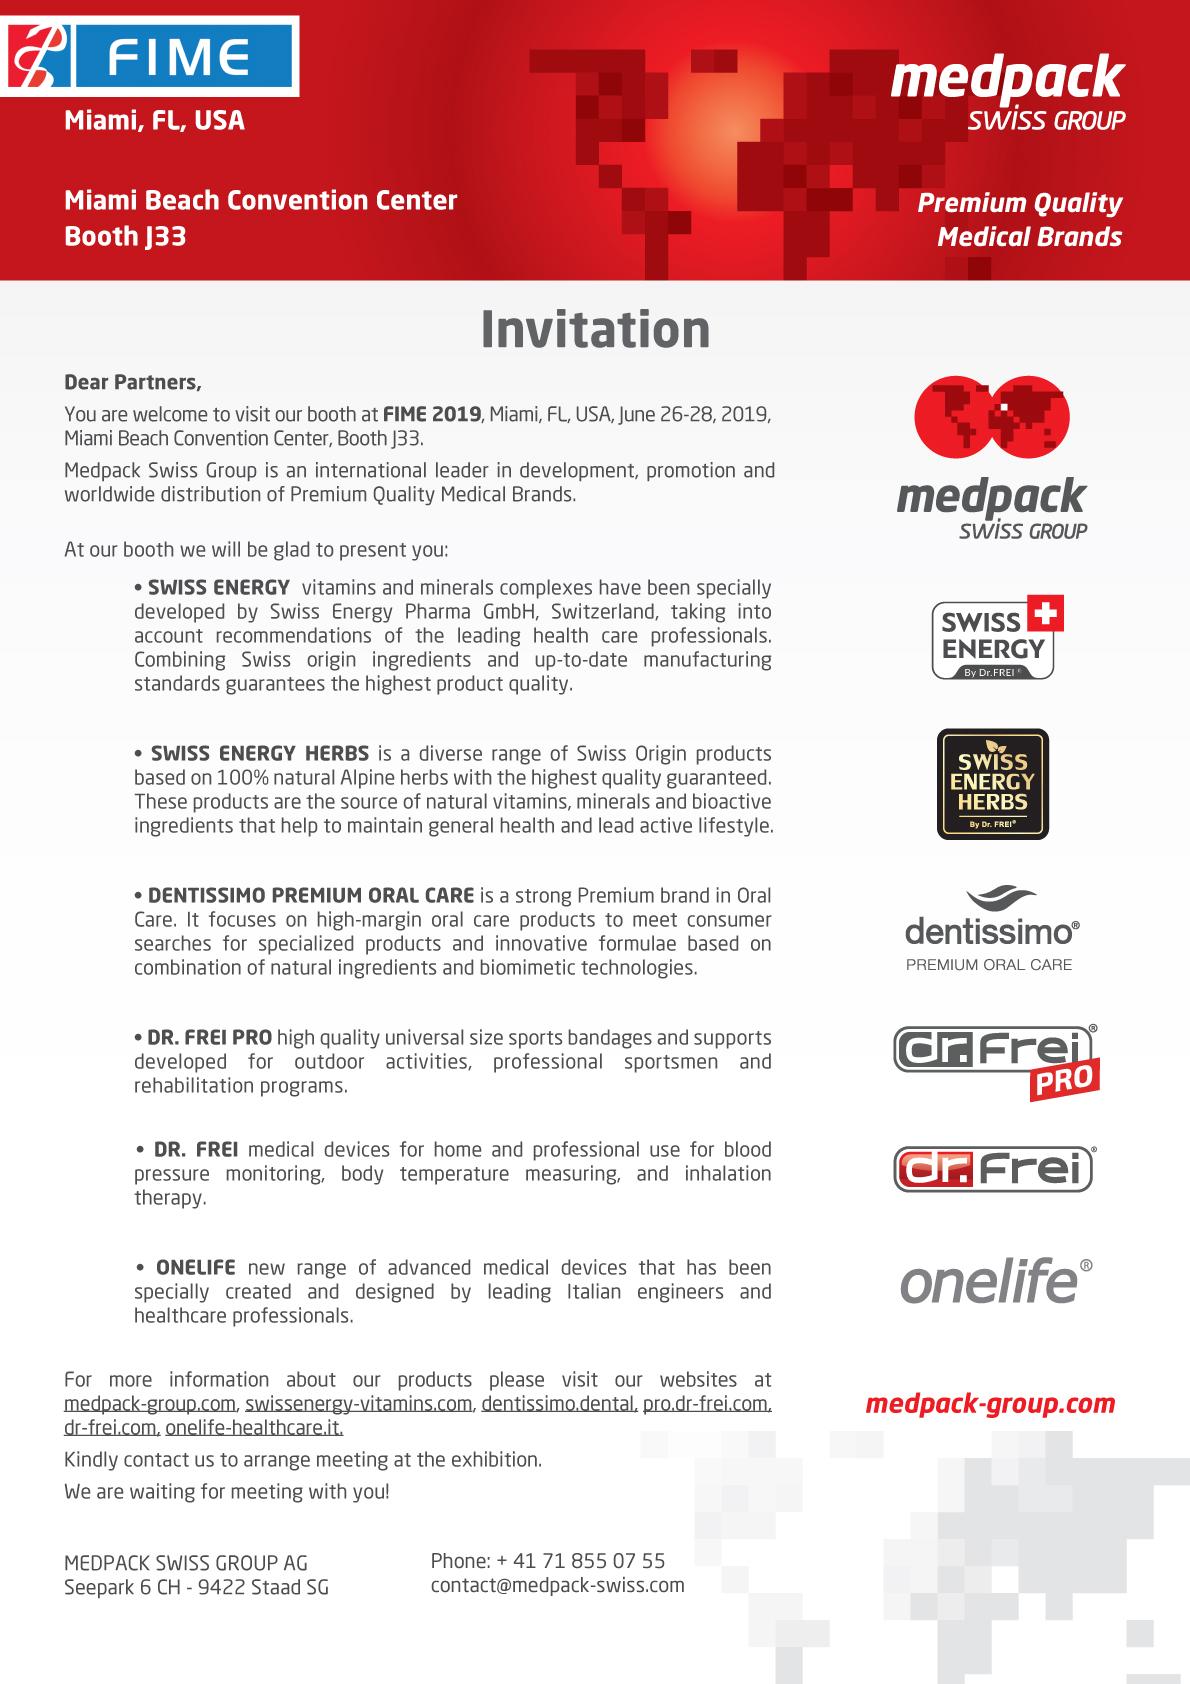 Invitation to FIME 2019